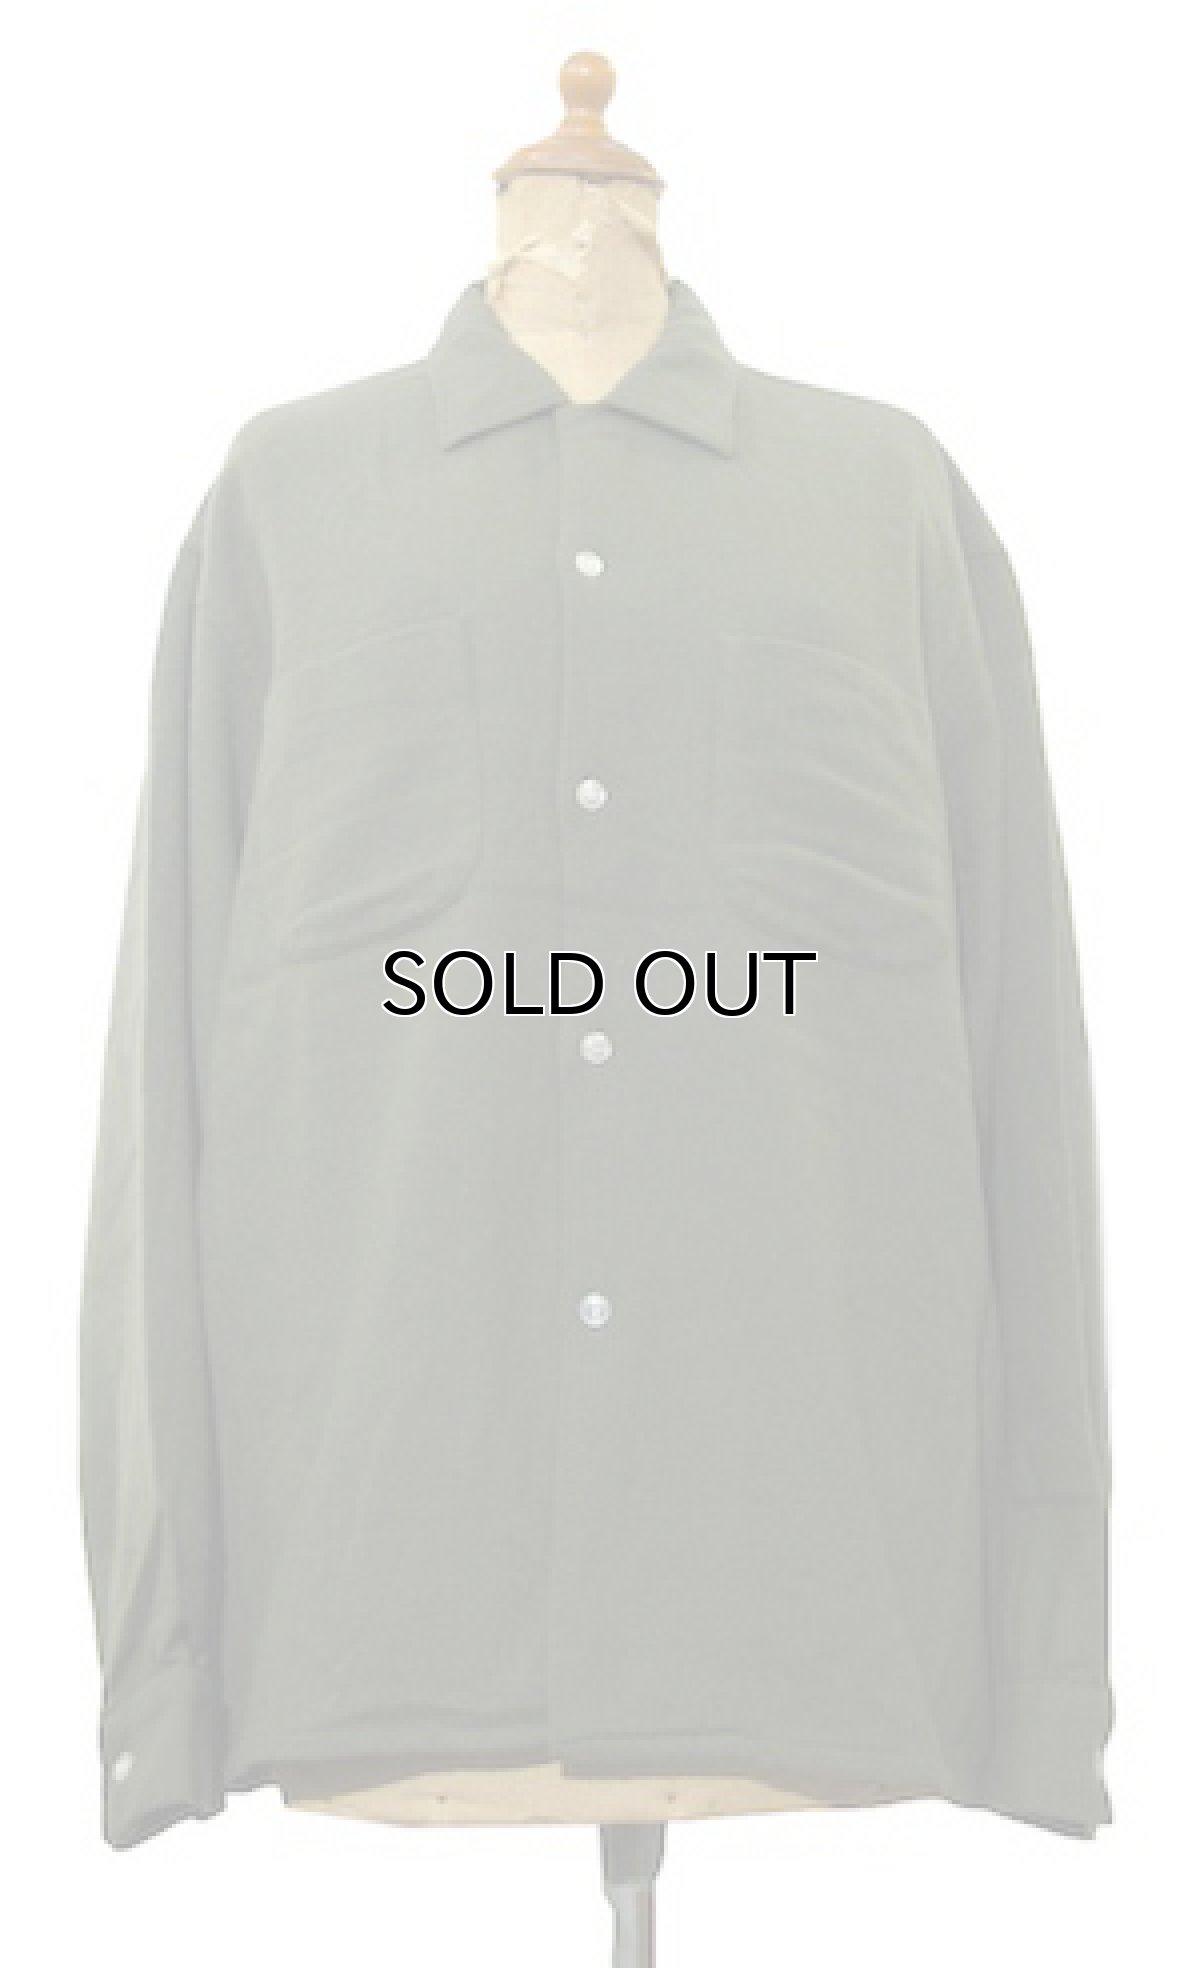 画像1: 1960's Belvedere L/S Wool Shirts Olive Green size L (表記 16 - 16 1/2 L) (1)